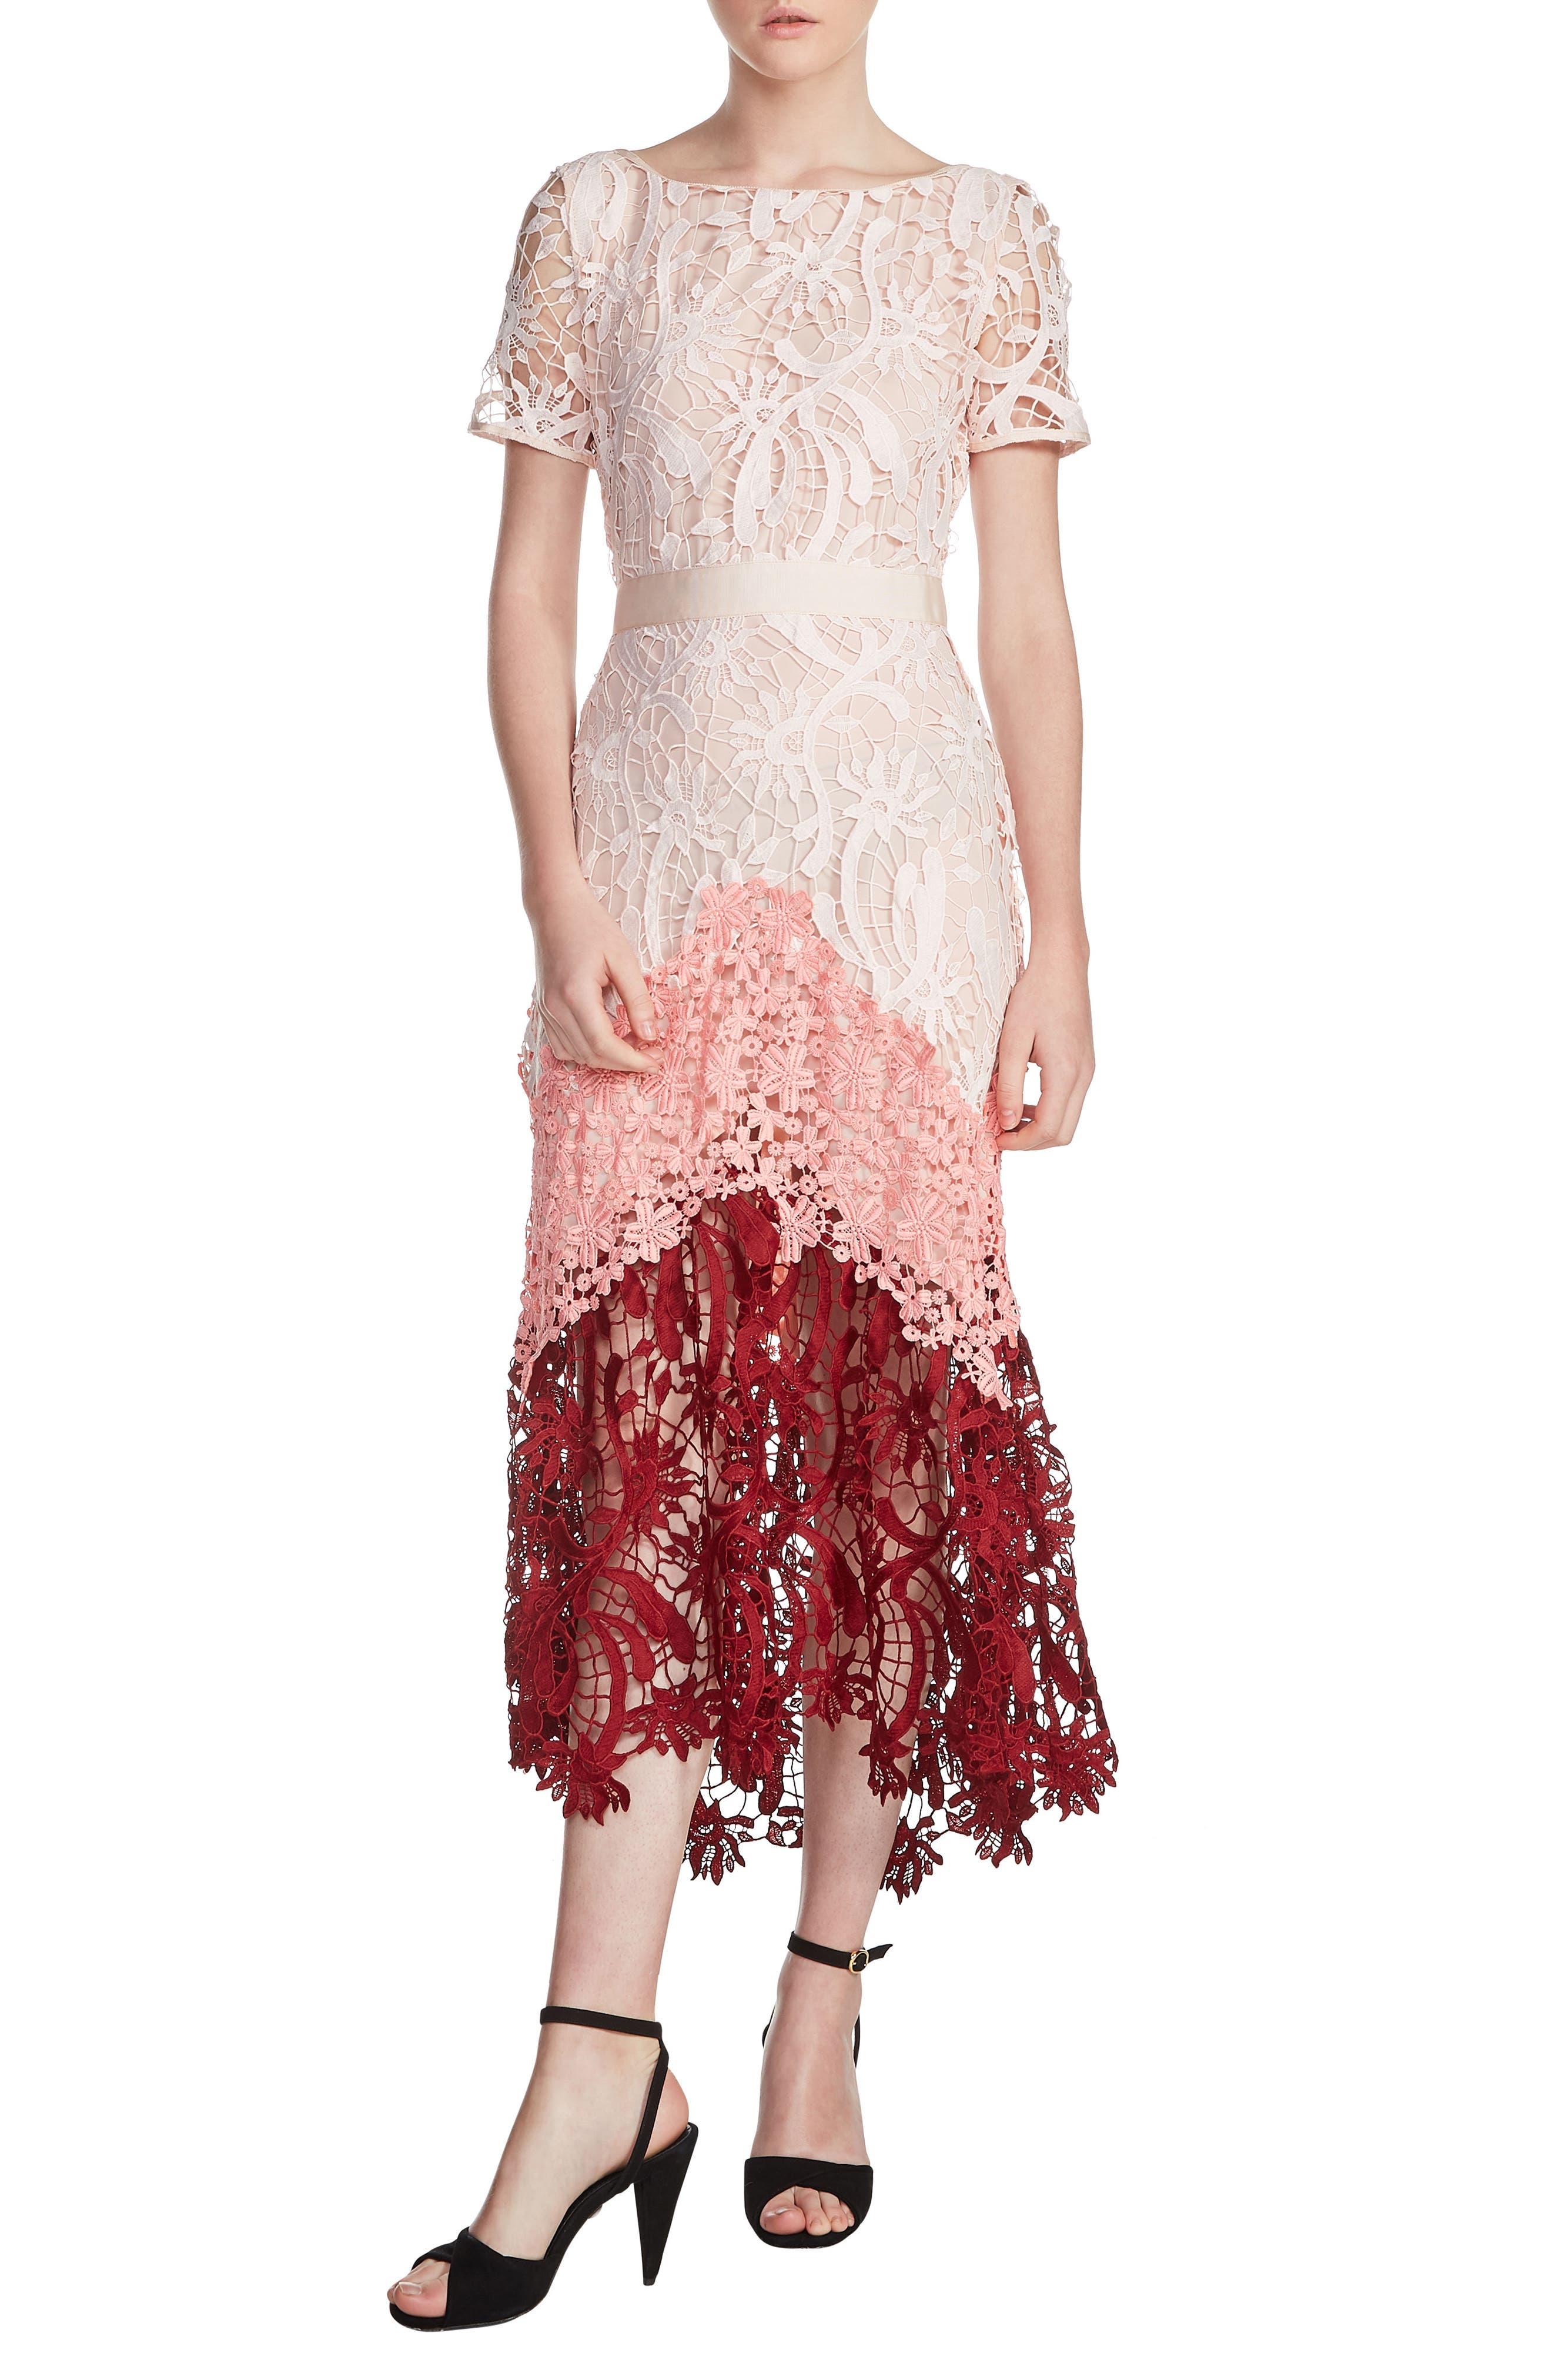 maje Romarin Multicolor Lace Dress